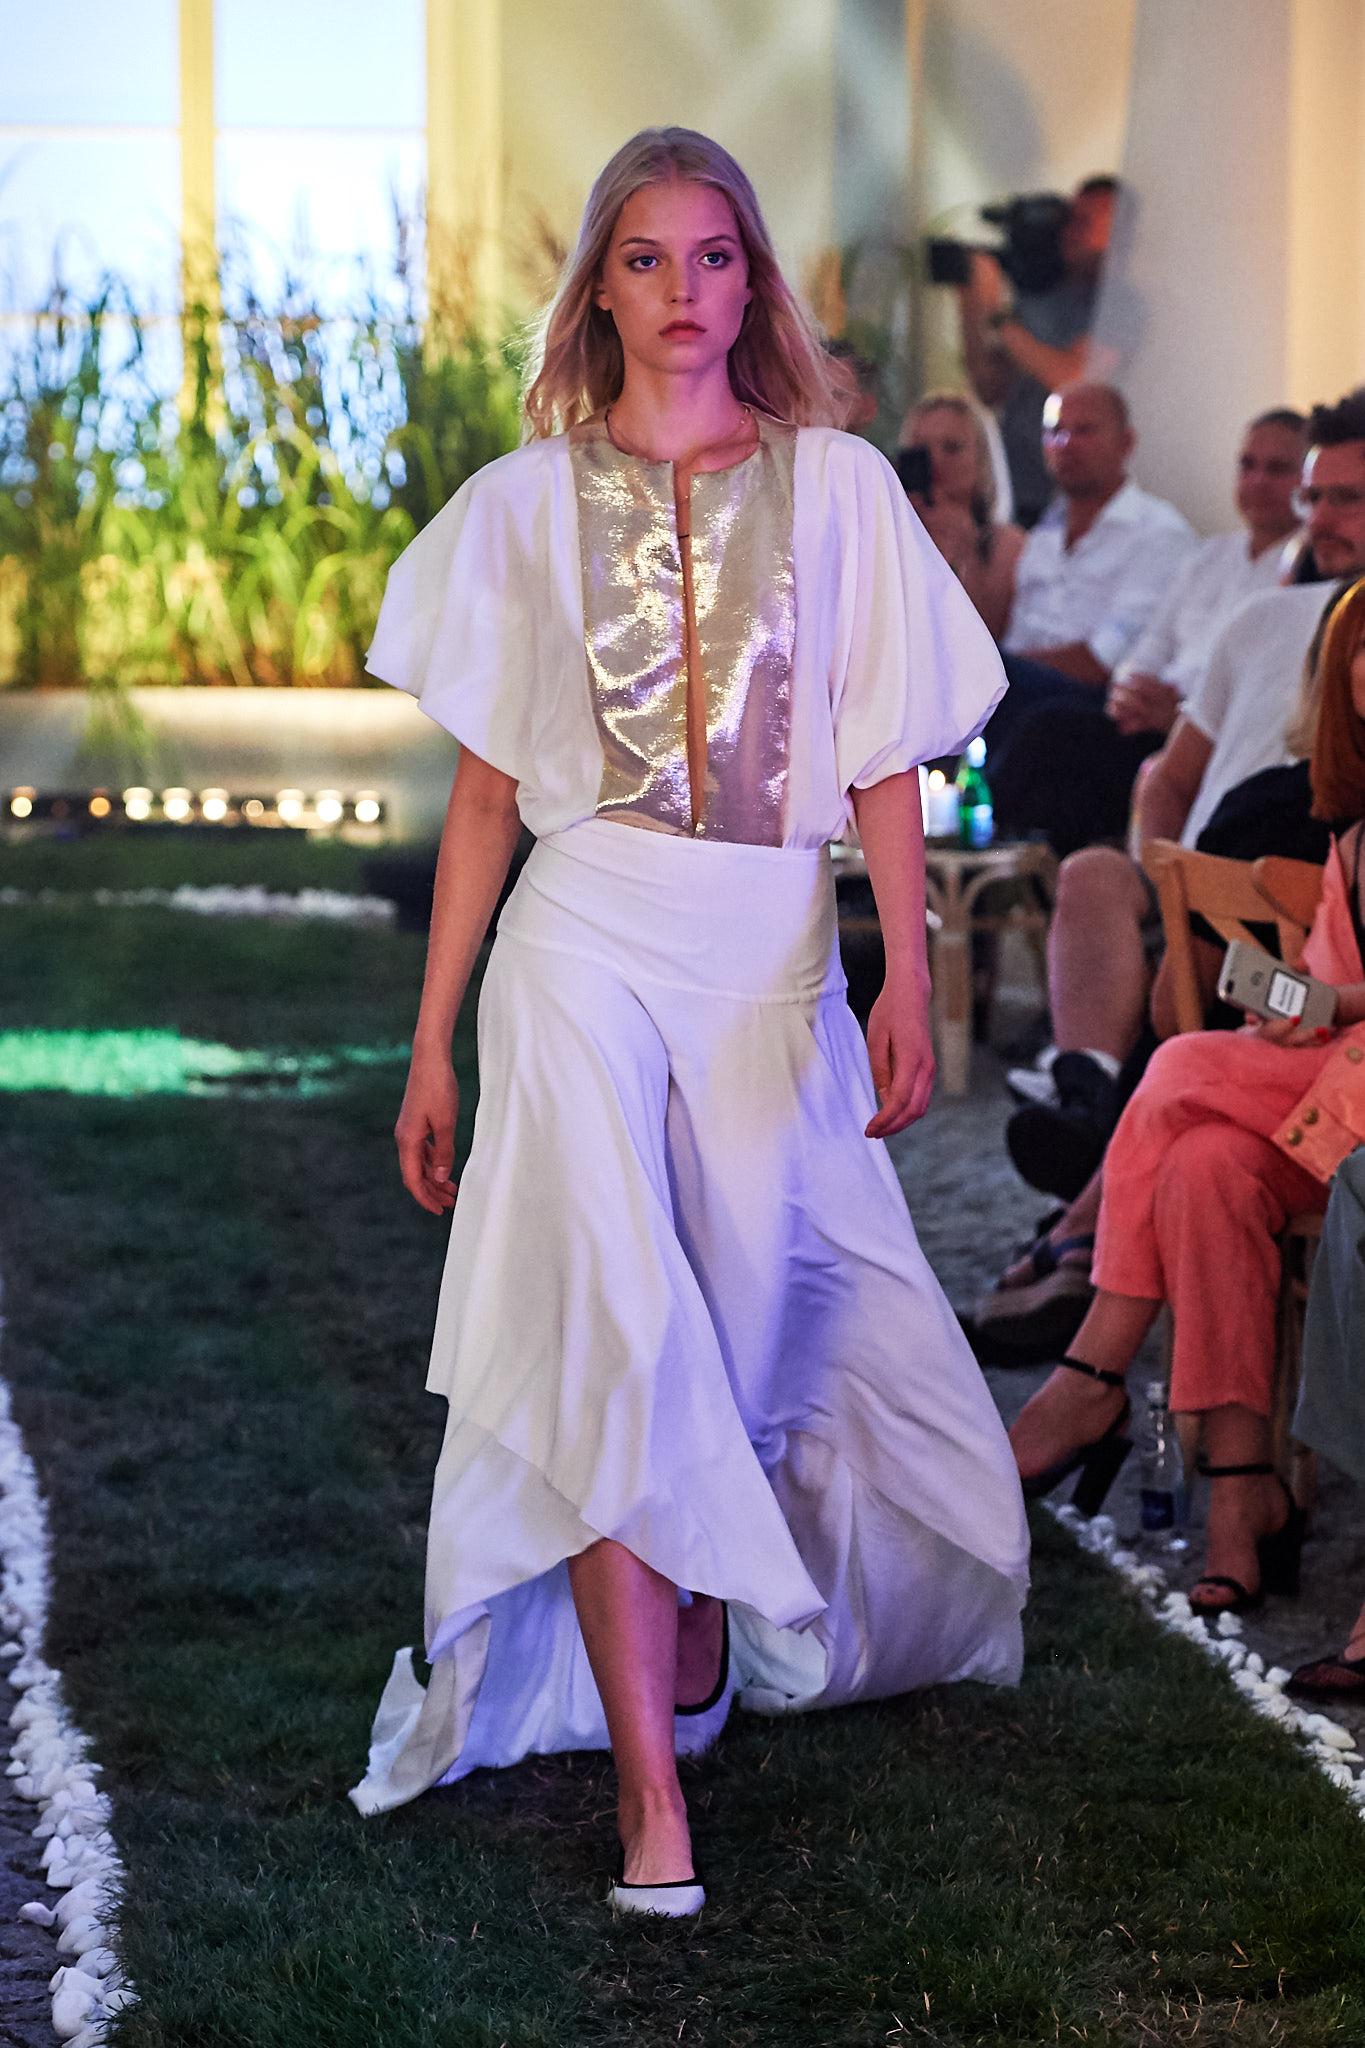 40_MMC-010719-lowres-fotFilipOkopny-FashionImages.jpg